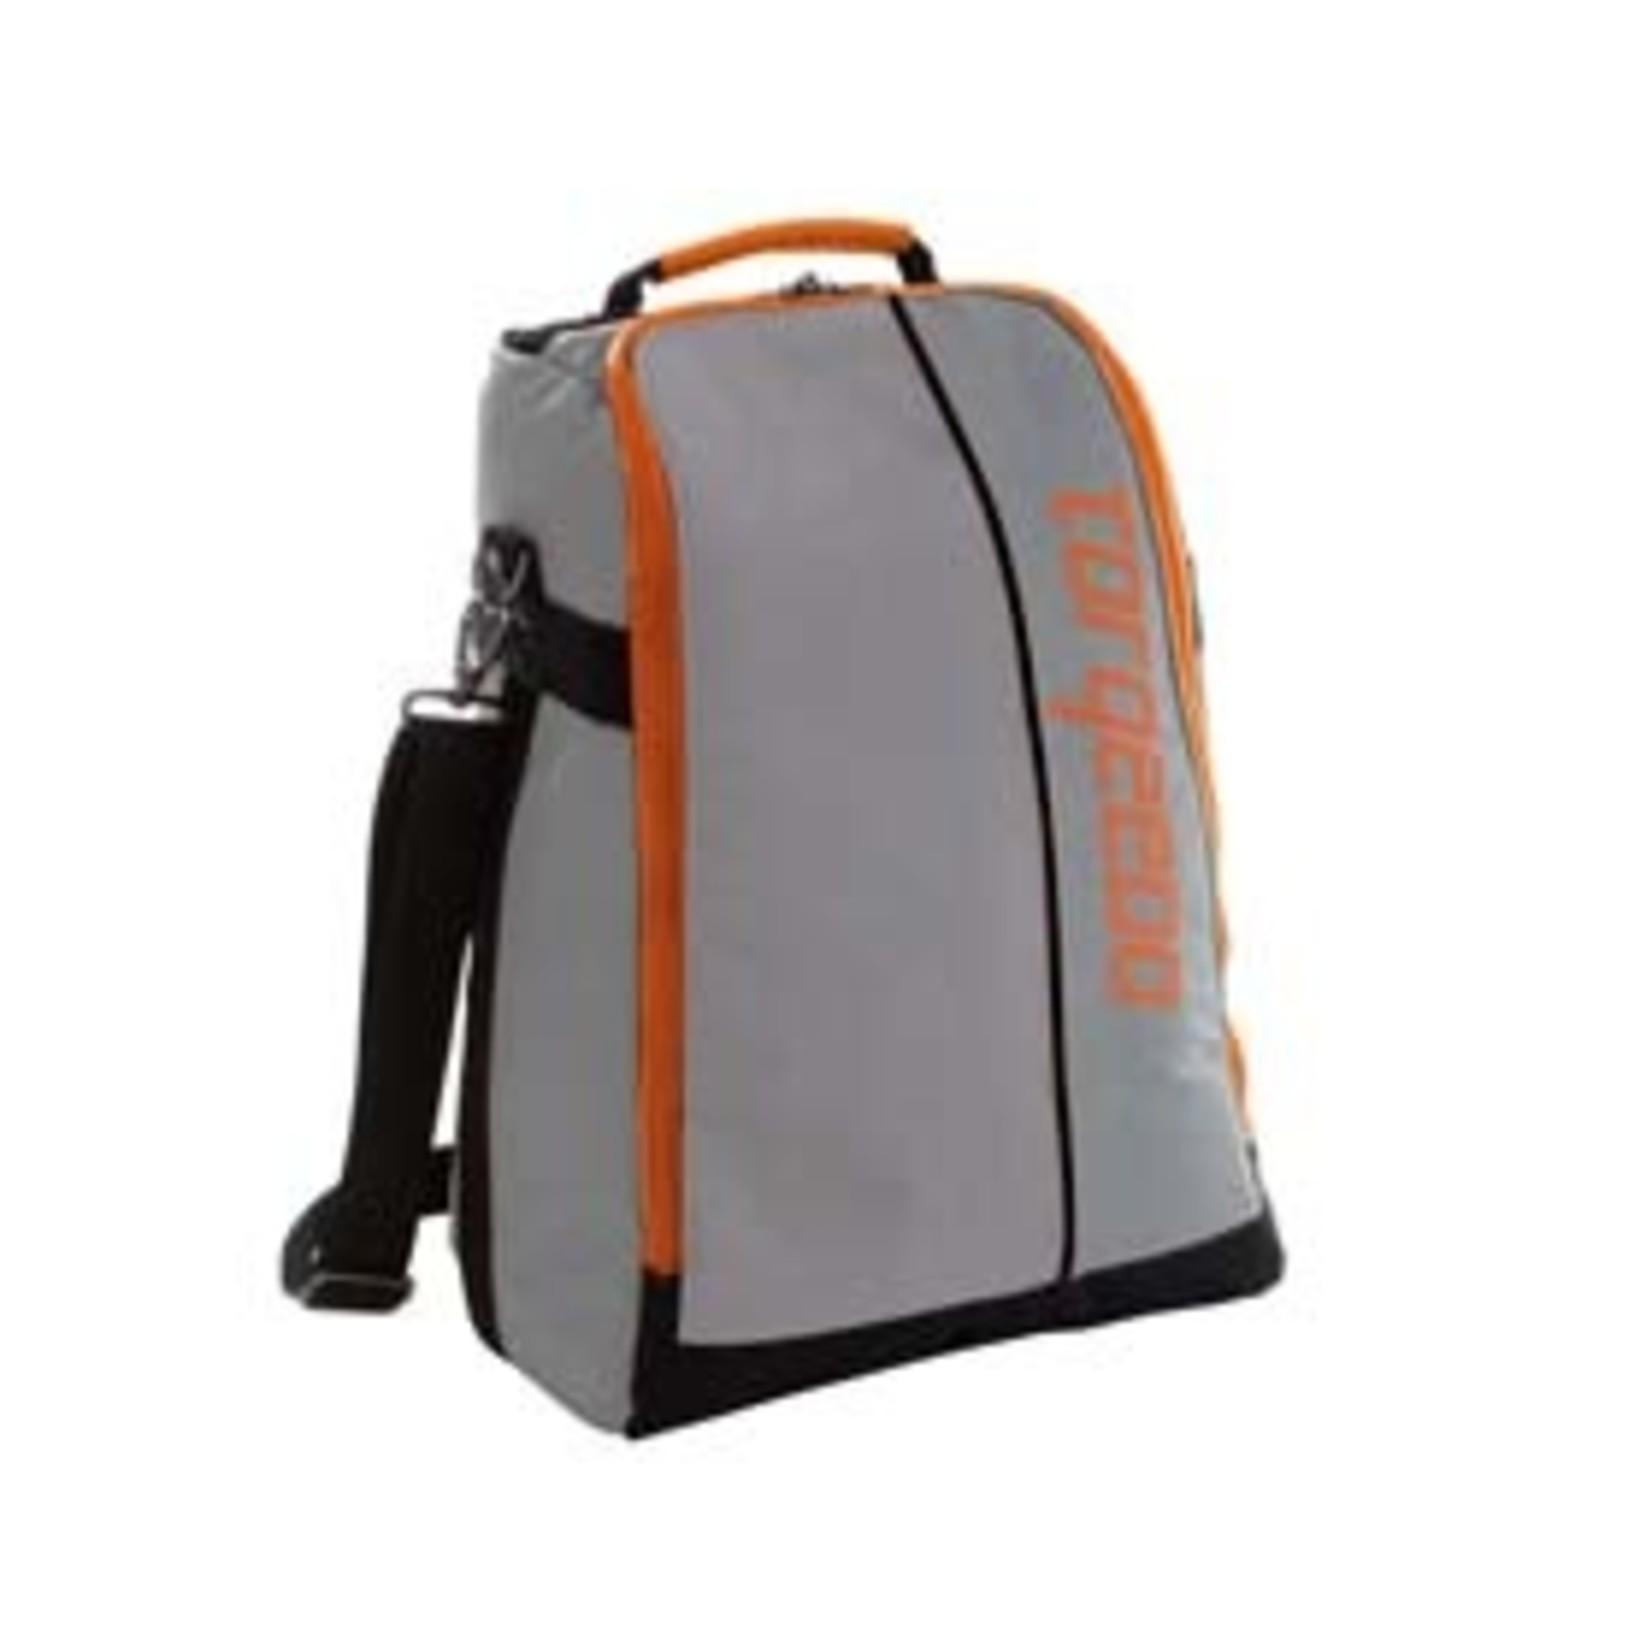 Torqeedo Torqeedo Travel battery bag